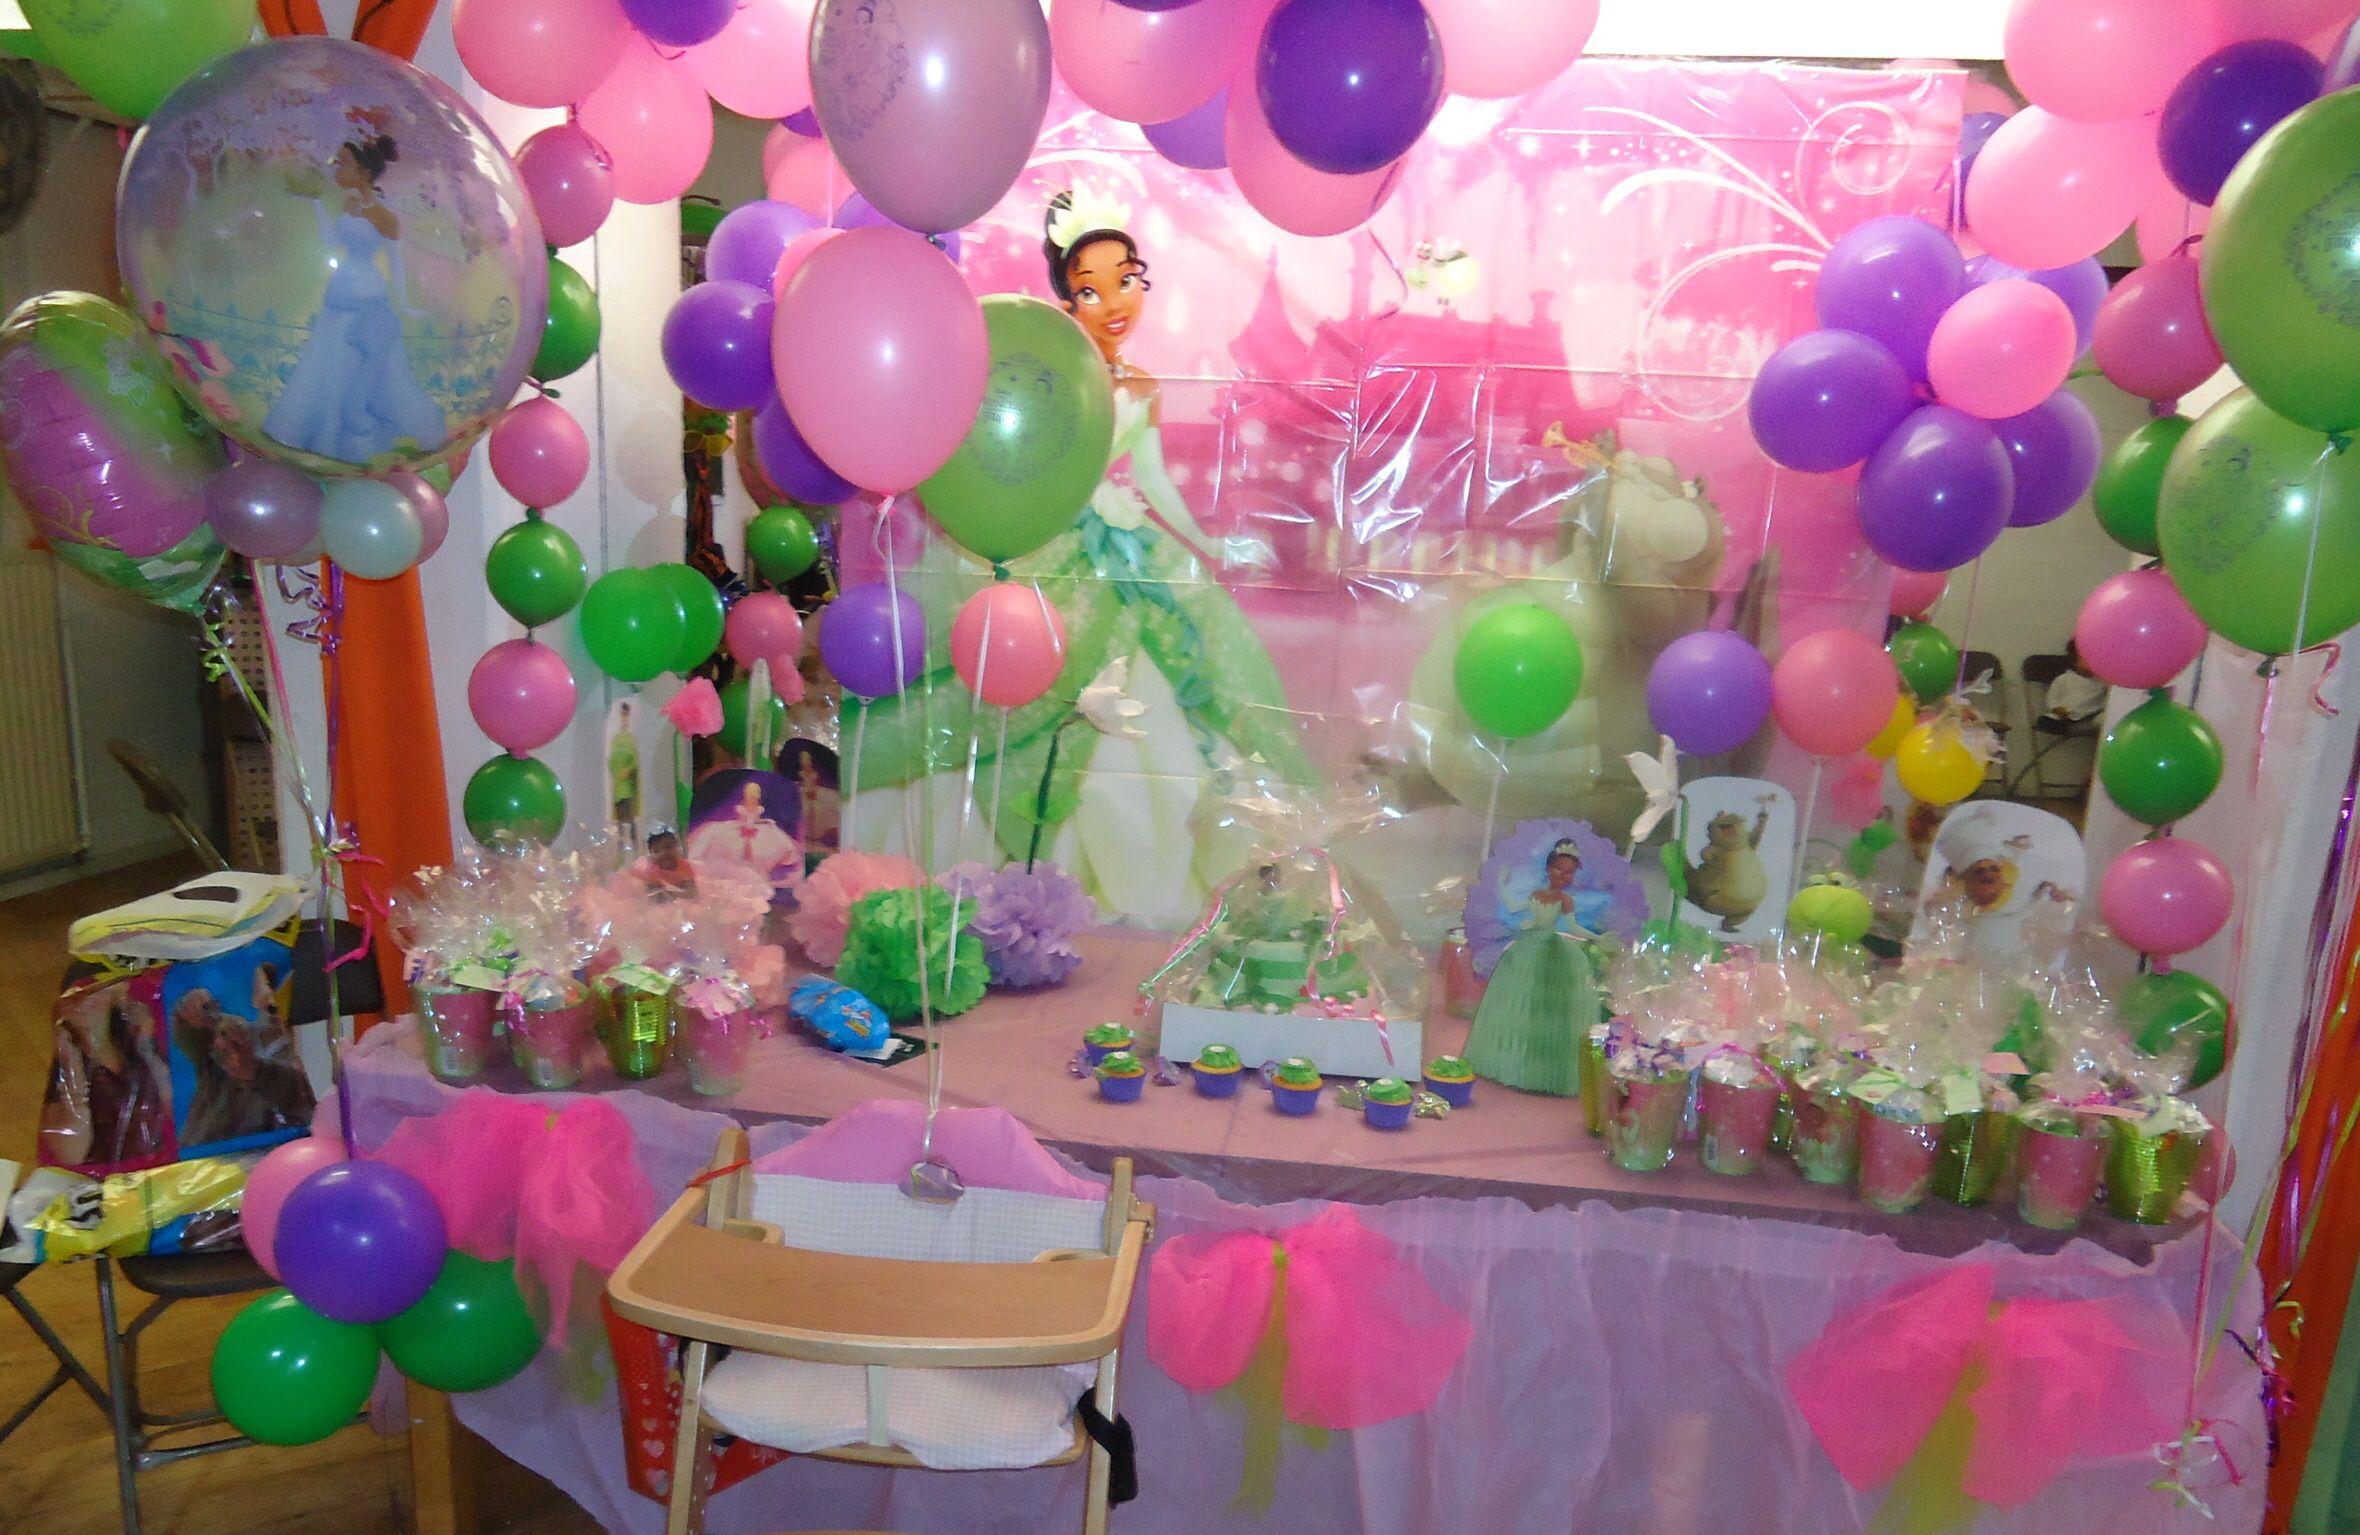 Princess Tiana birthday table decoration Princess Tiana